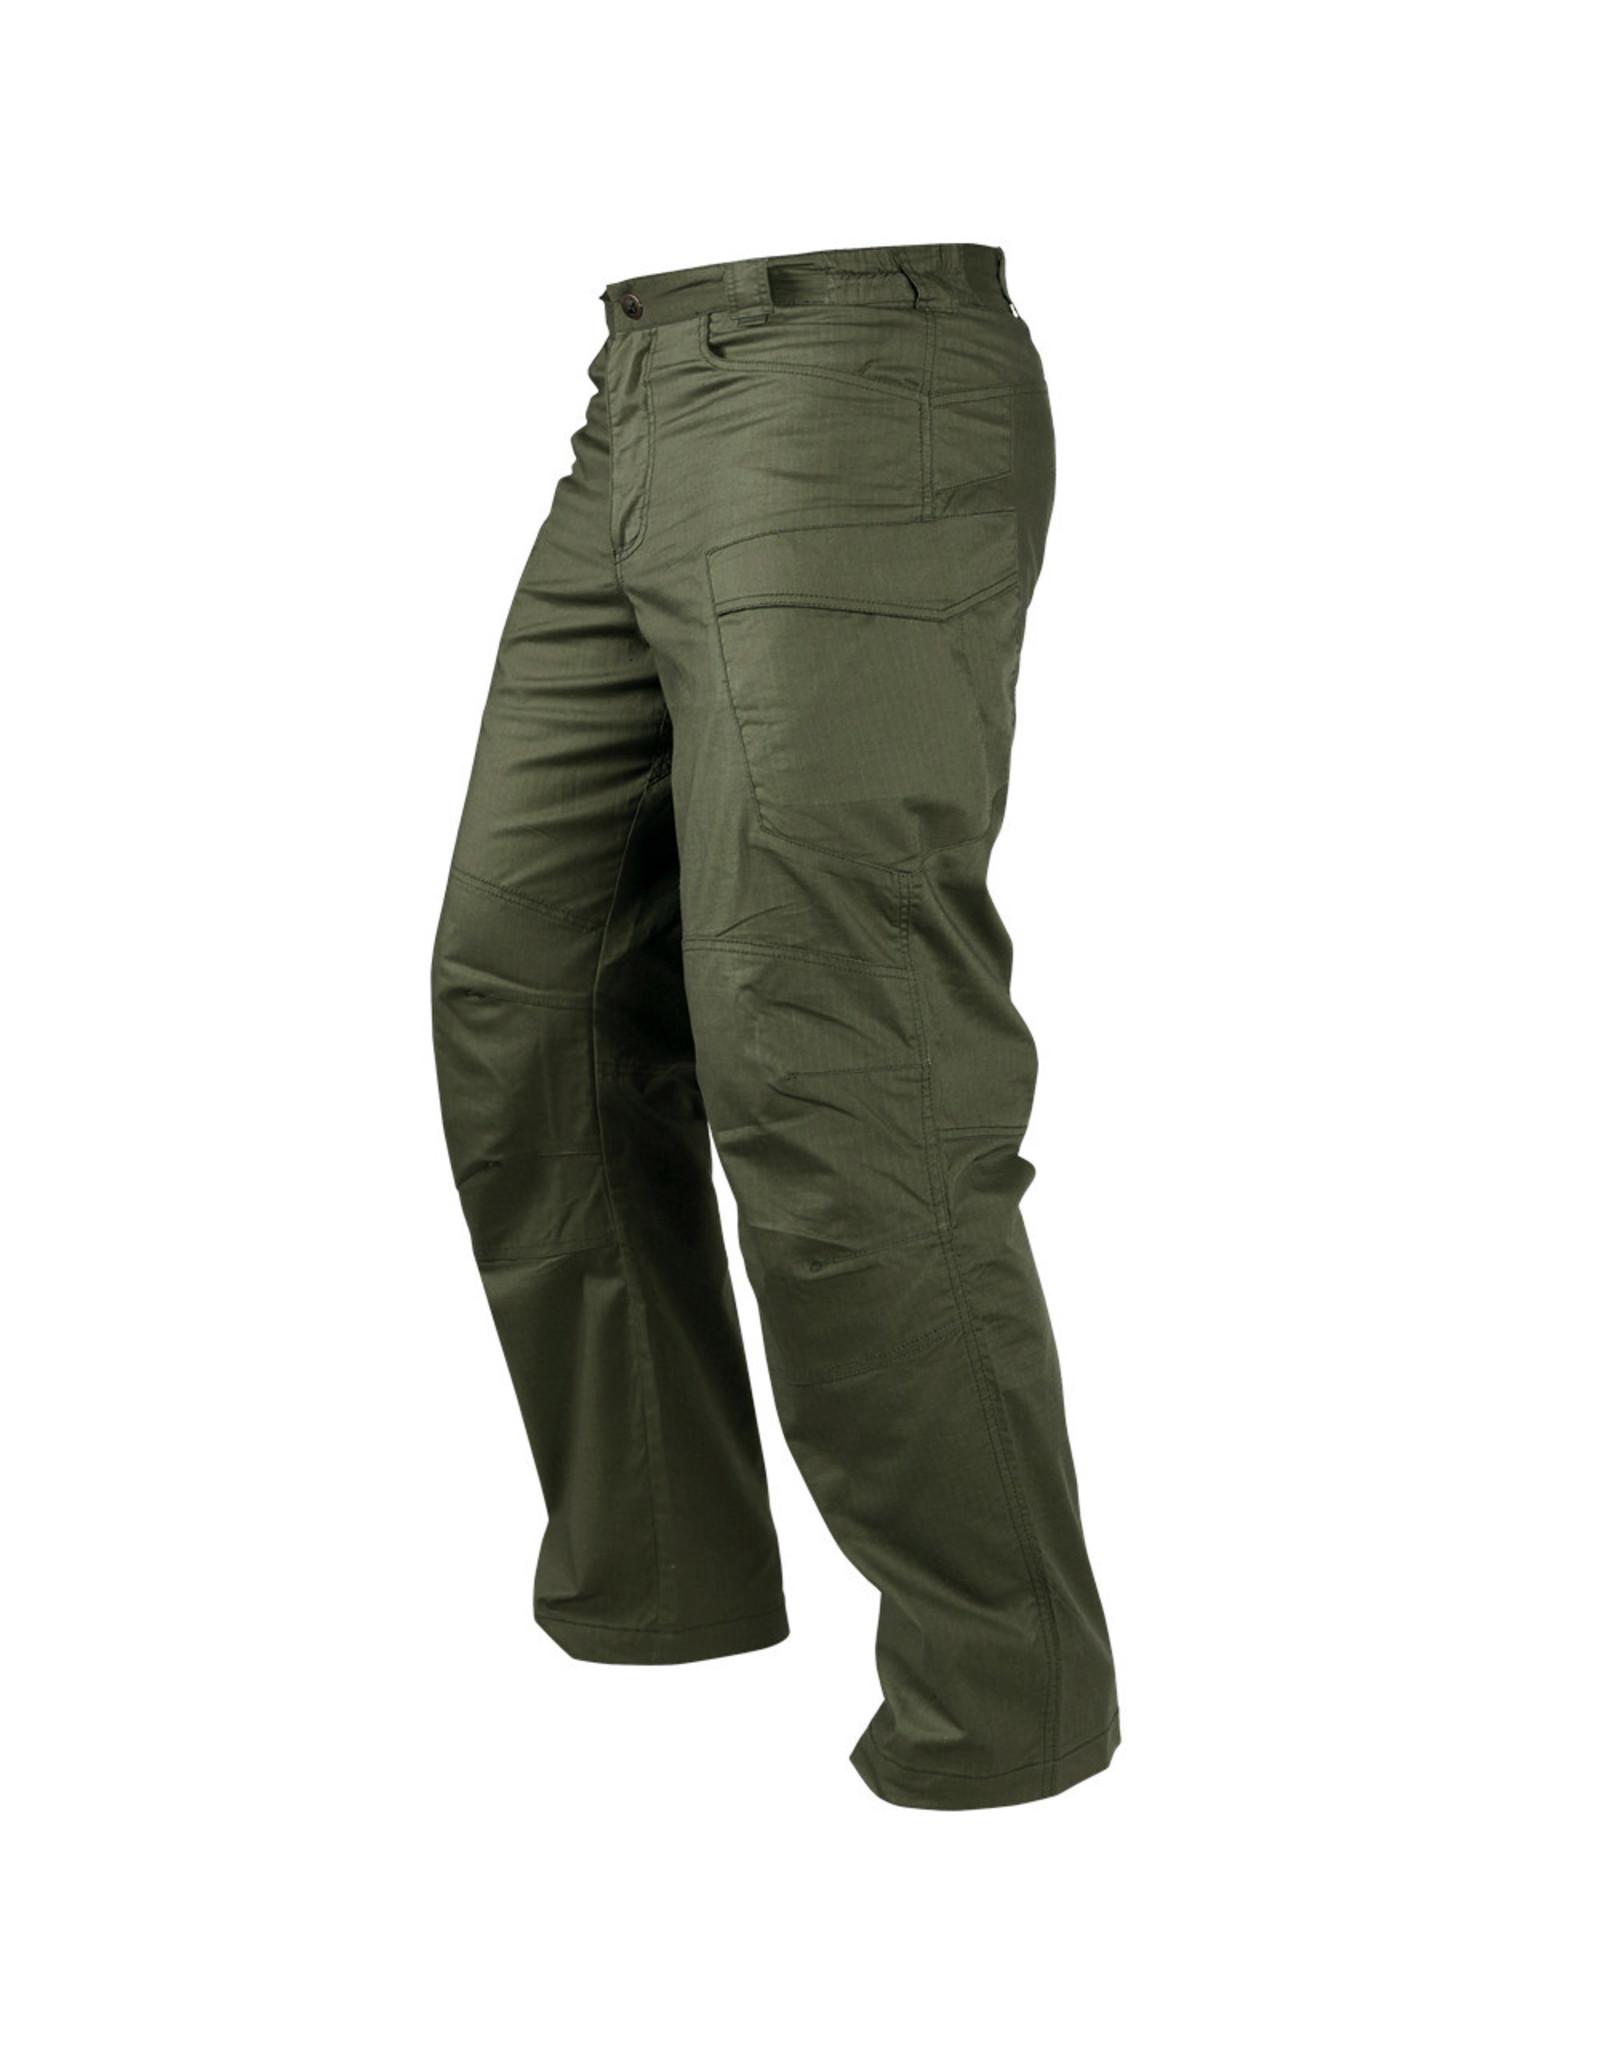 CONDOR TACTICAL CONDOR TACTICAL STEALTH OPERATOR PANTS